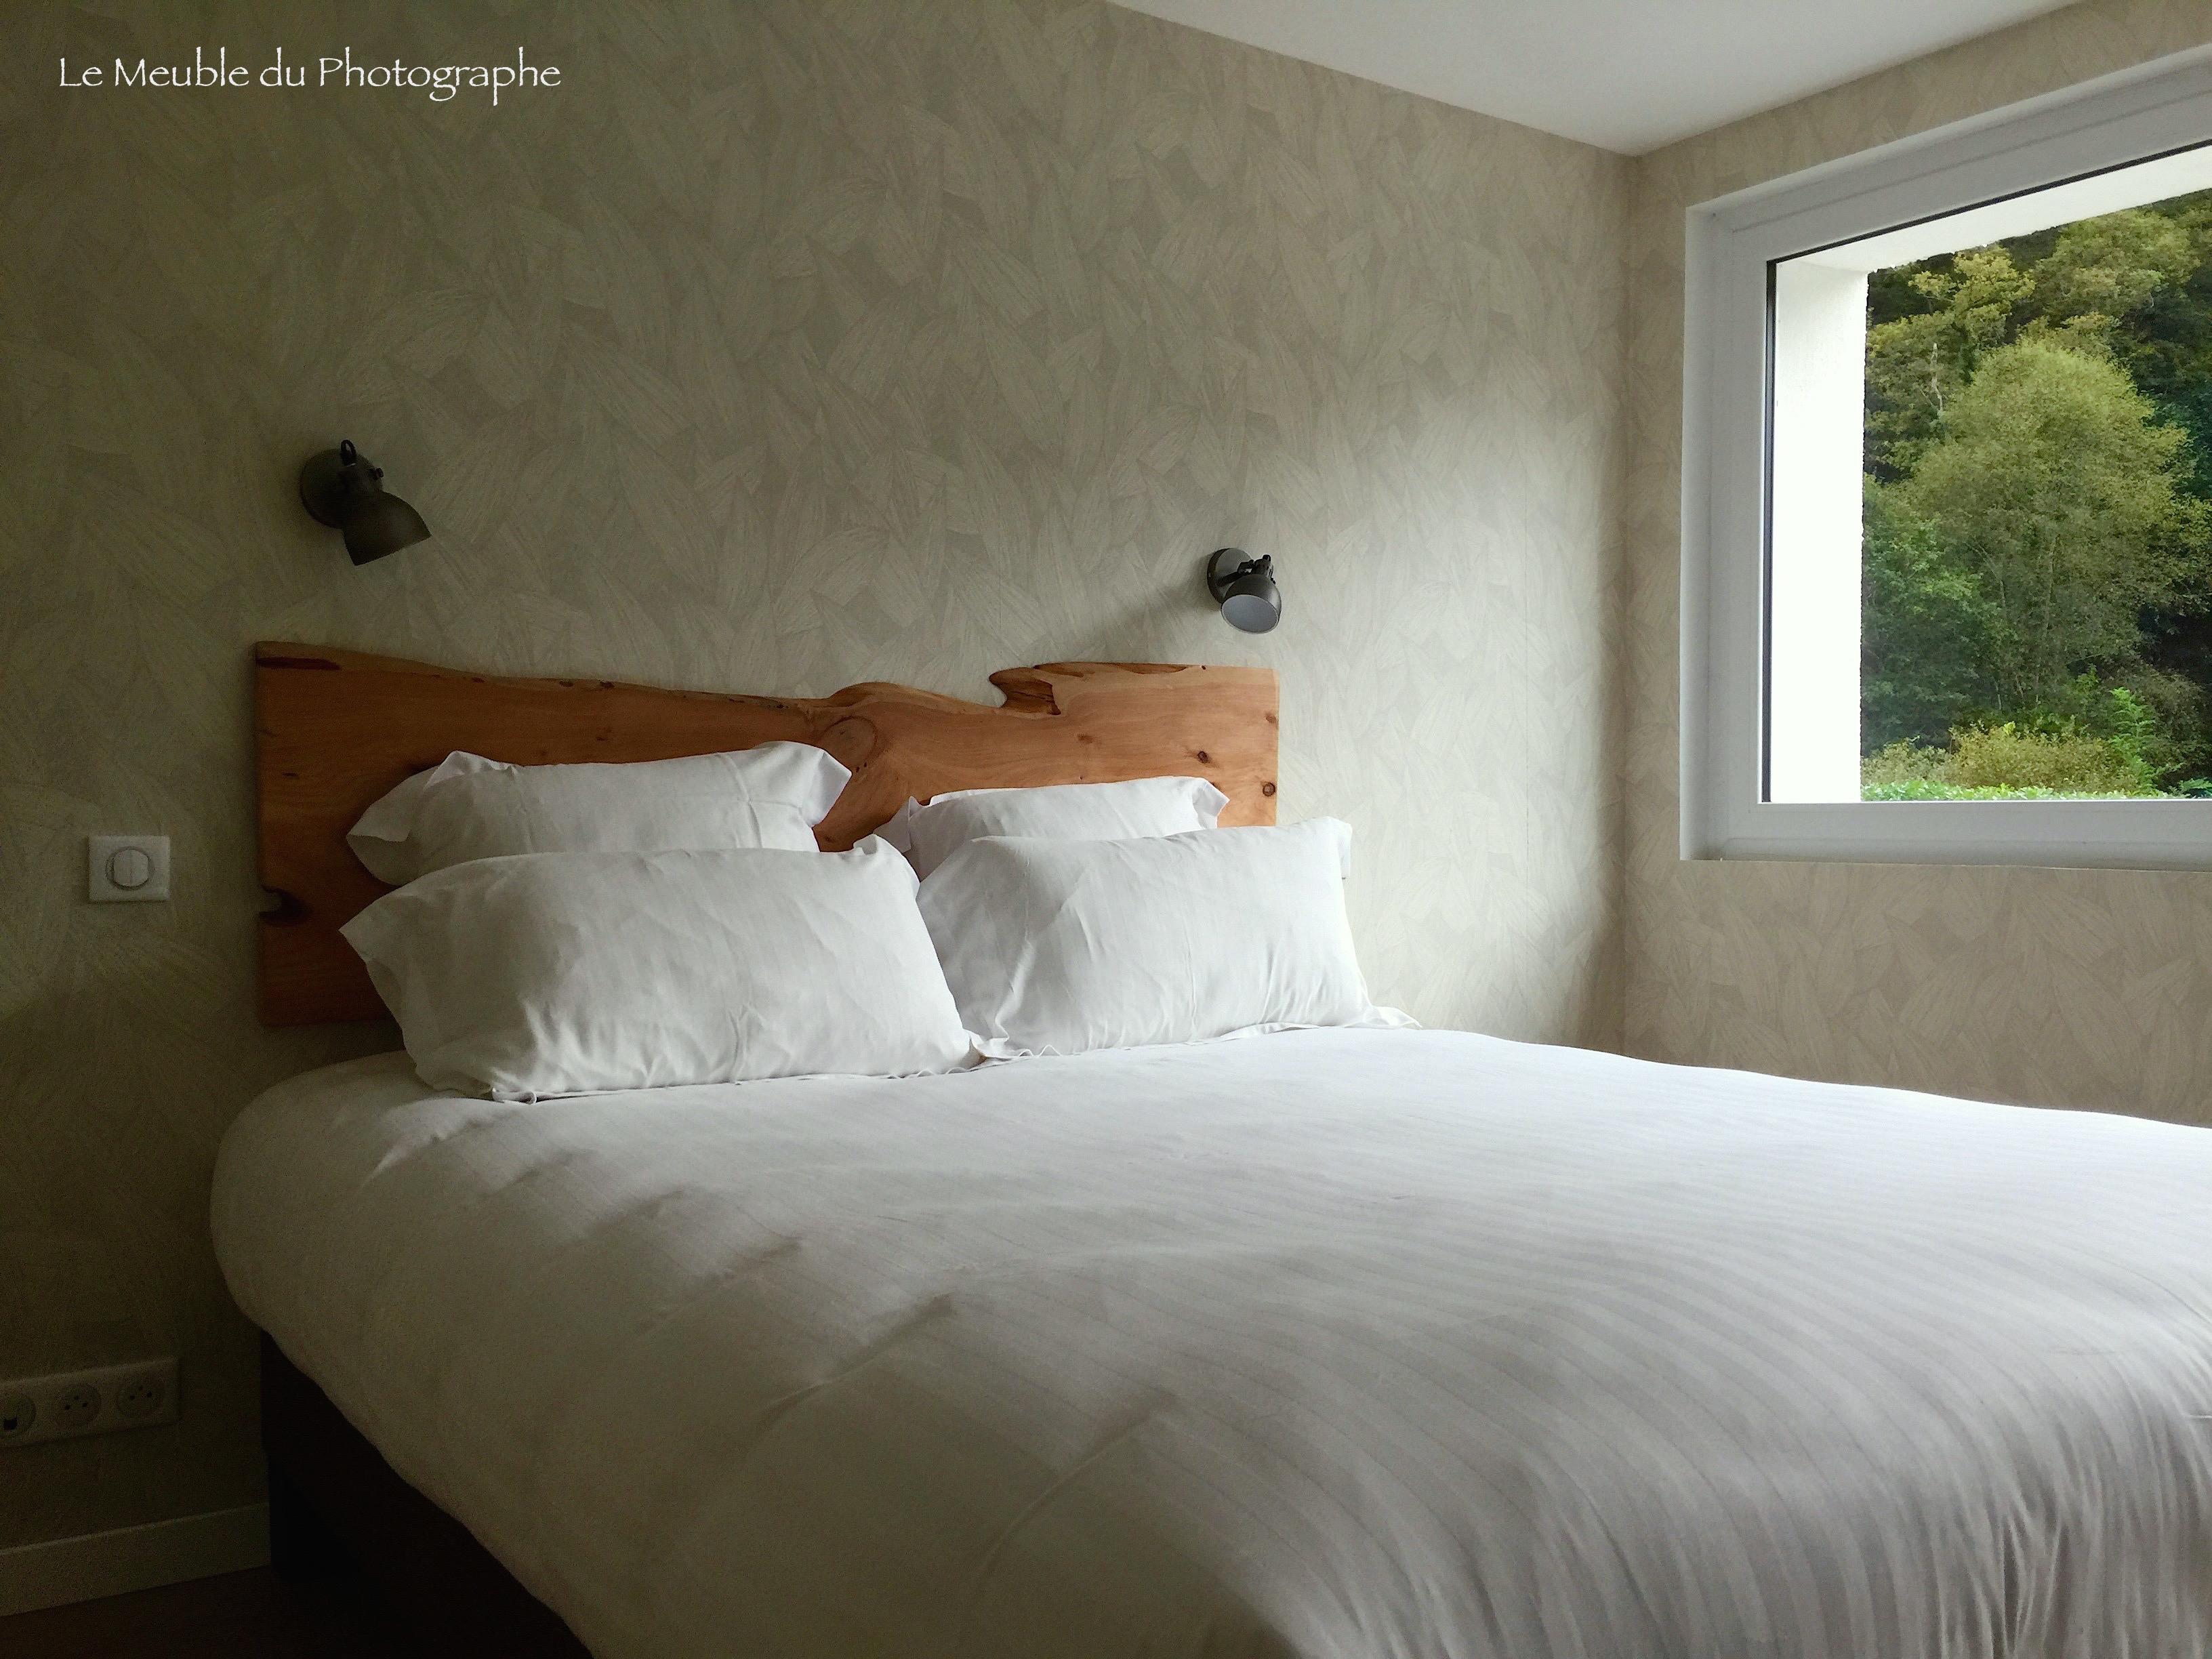 Planche Pour Tete De Lit tête de lit en planche d'arbre massive